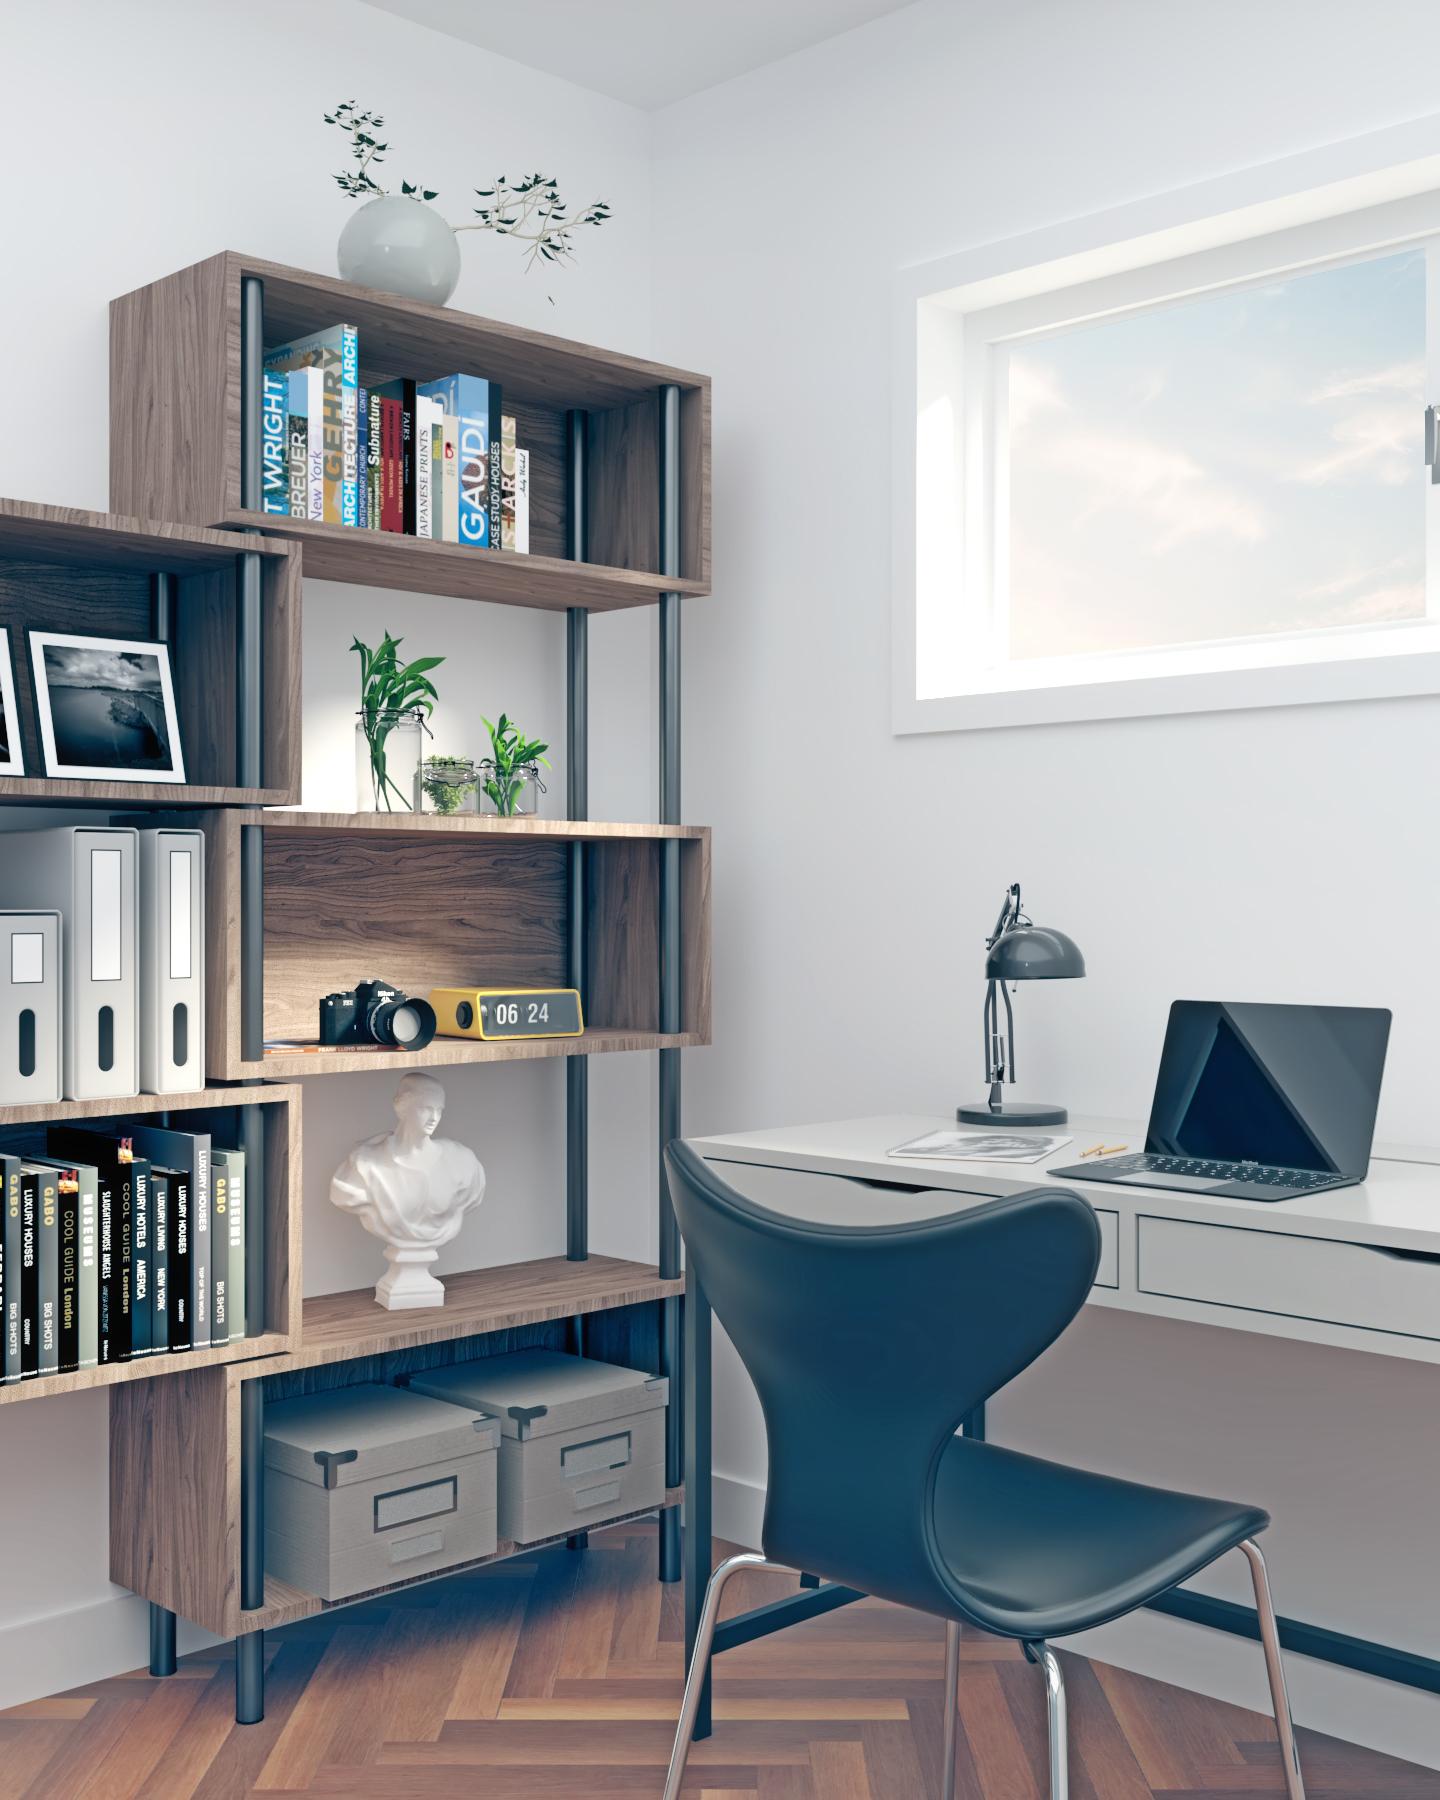 Home Office Final Rendering.jpg